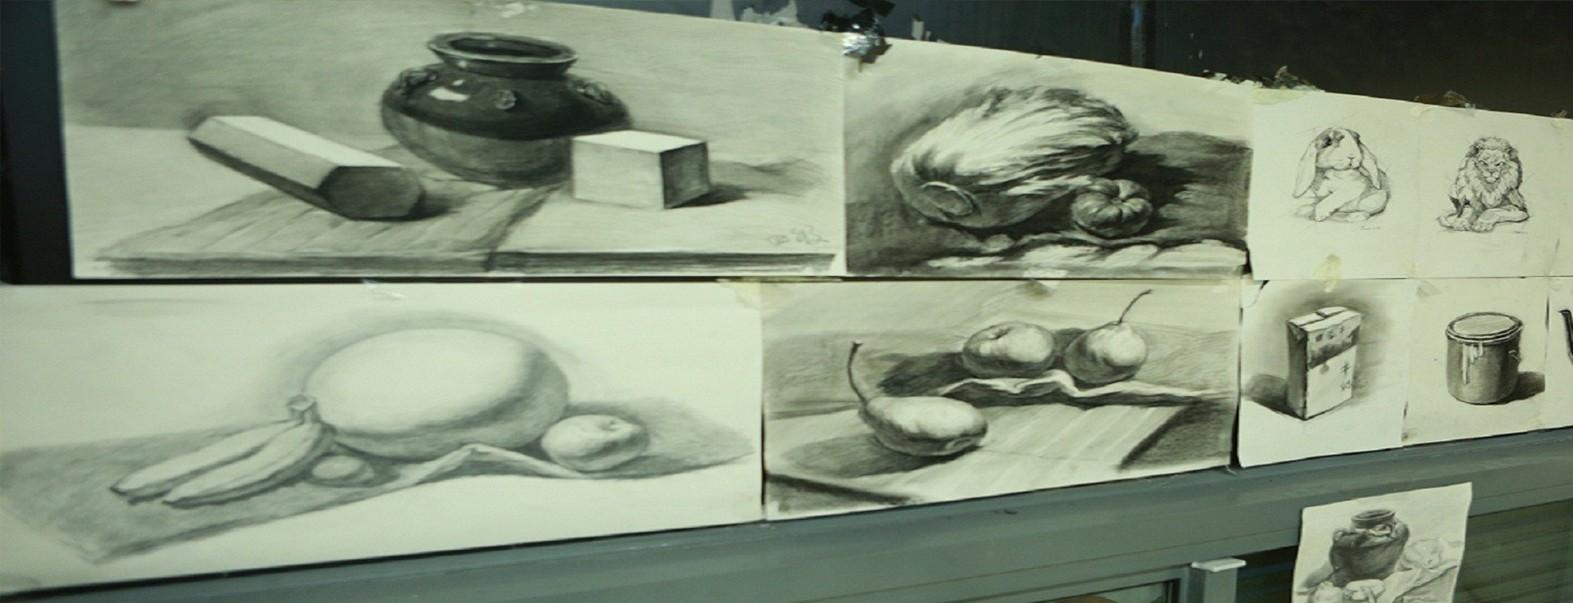 桔子素描绘画